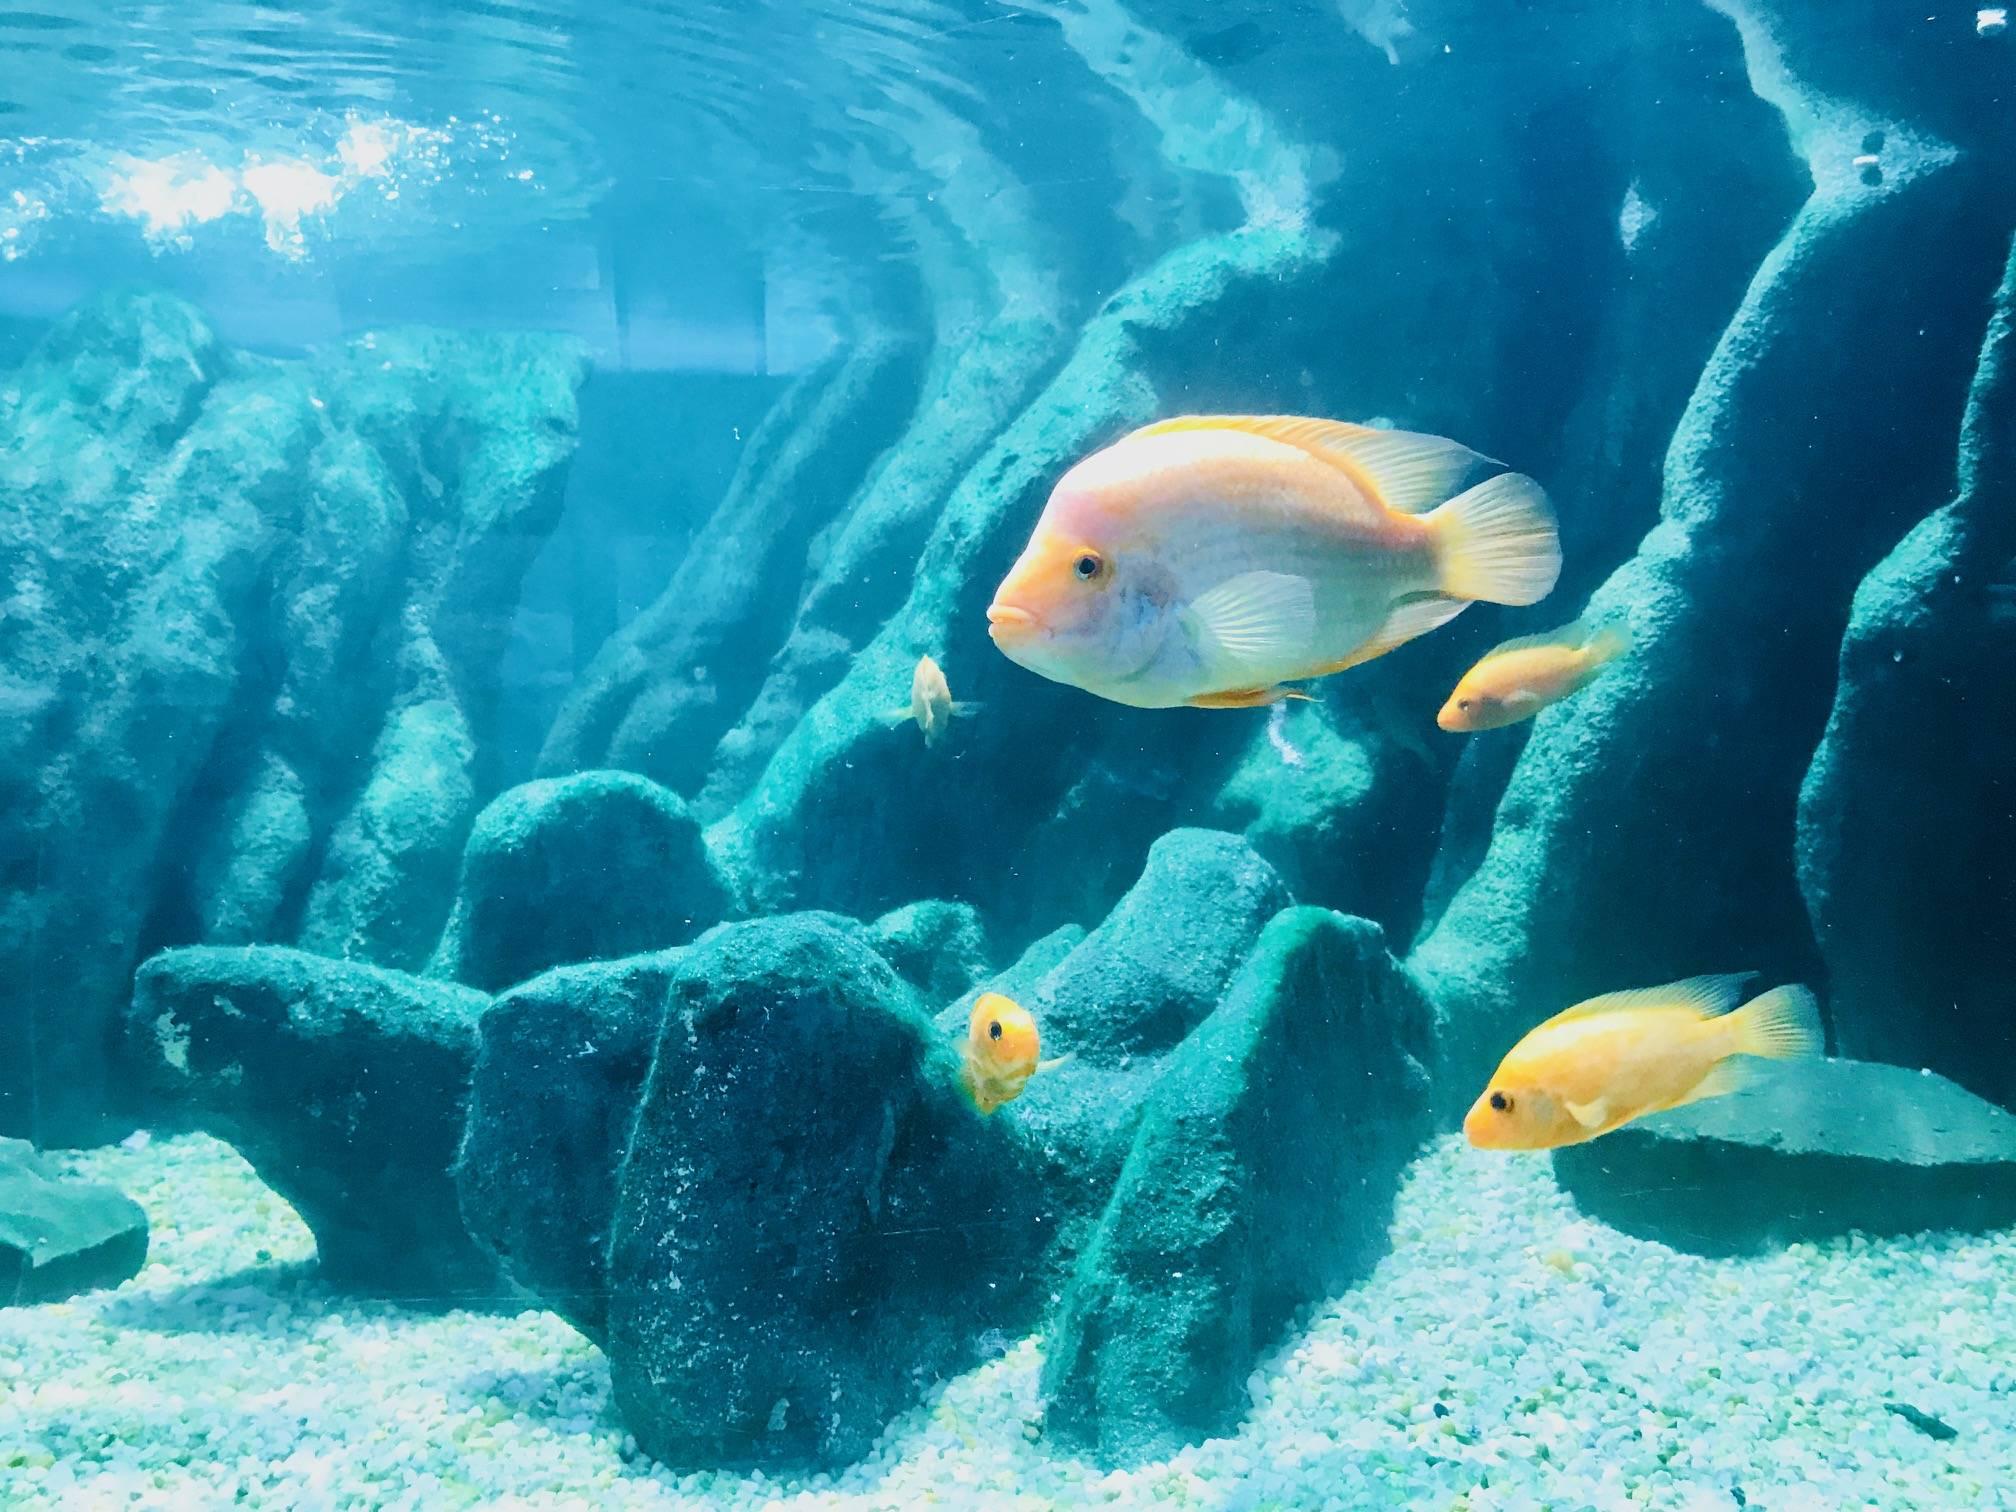 www.juicysantos.com.br - peixes do aquário de santos